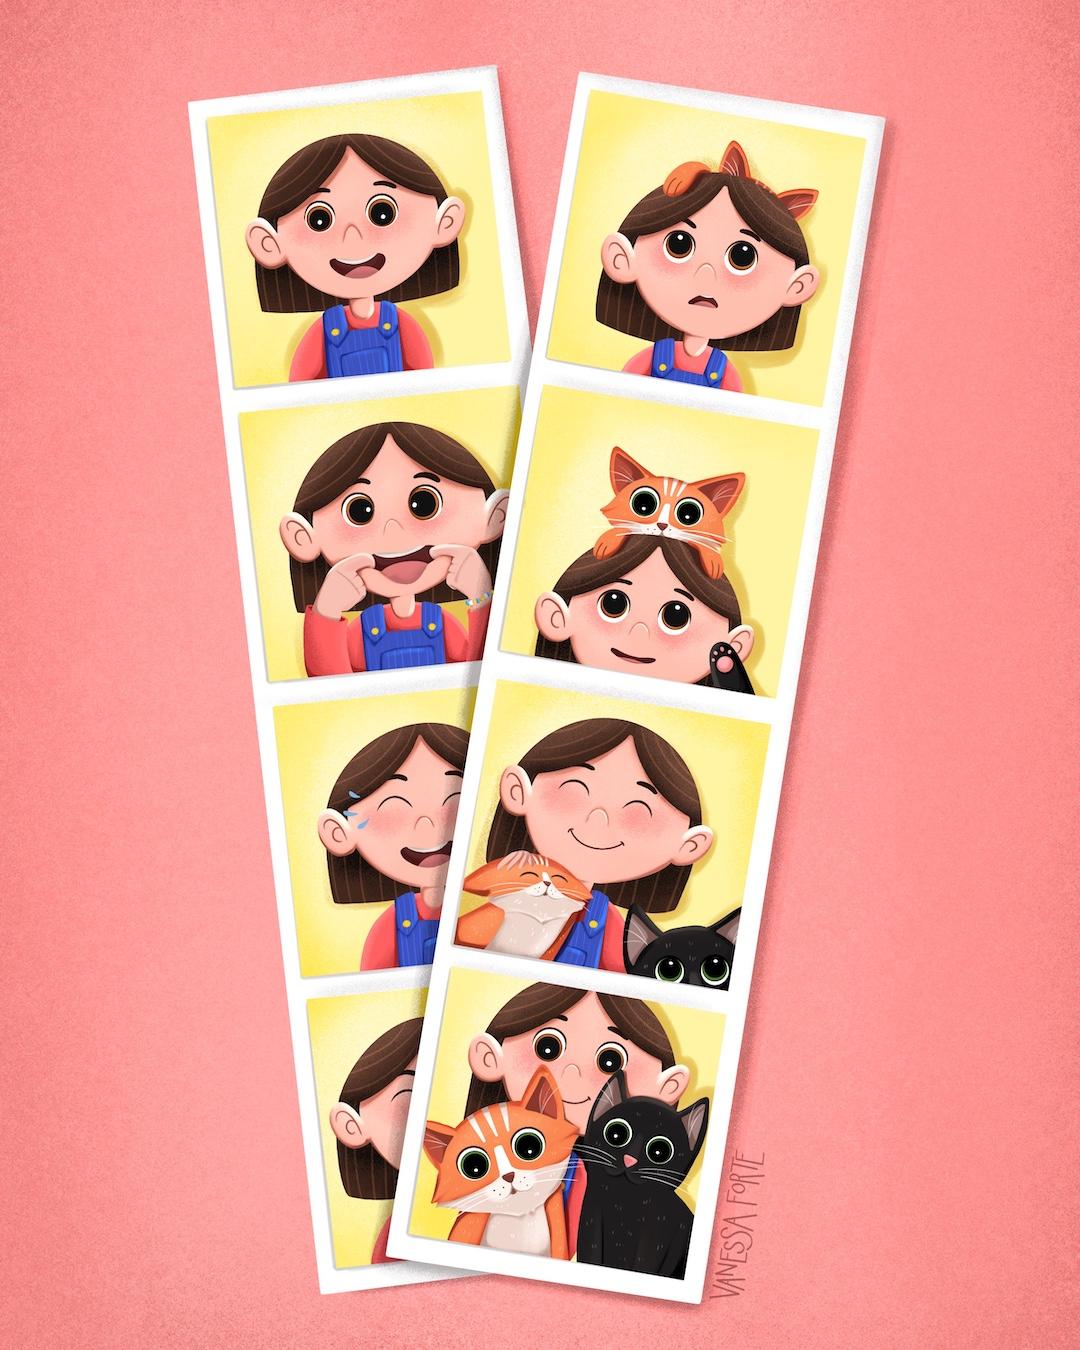 forte_vanessa_children's_illustration_say_meow